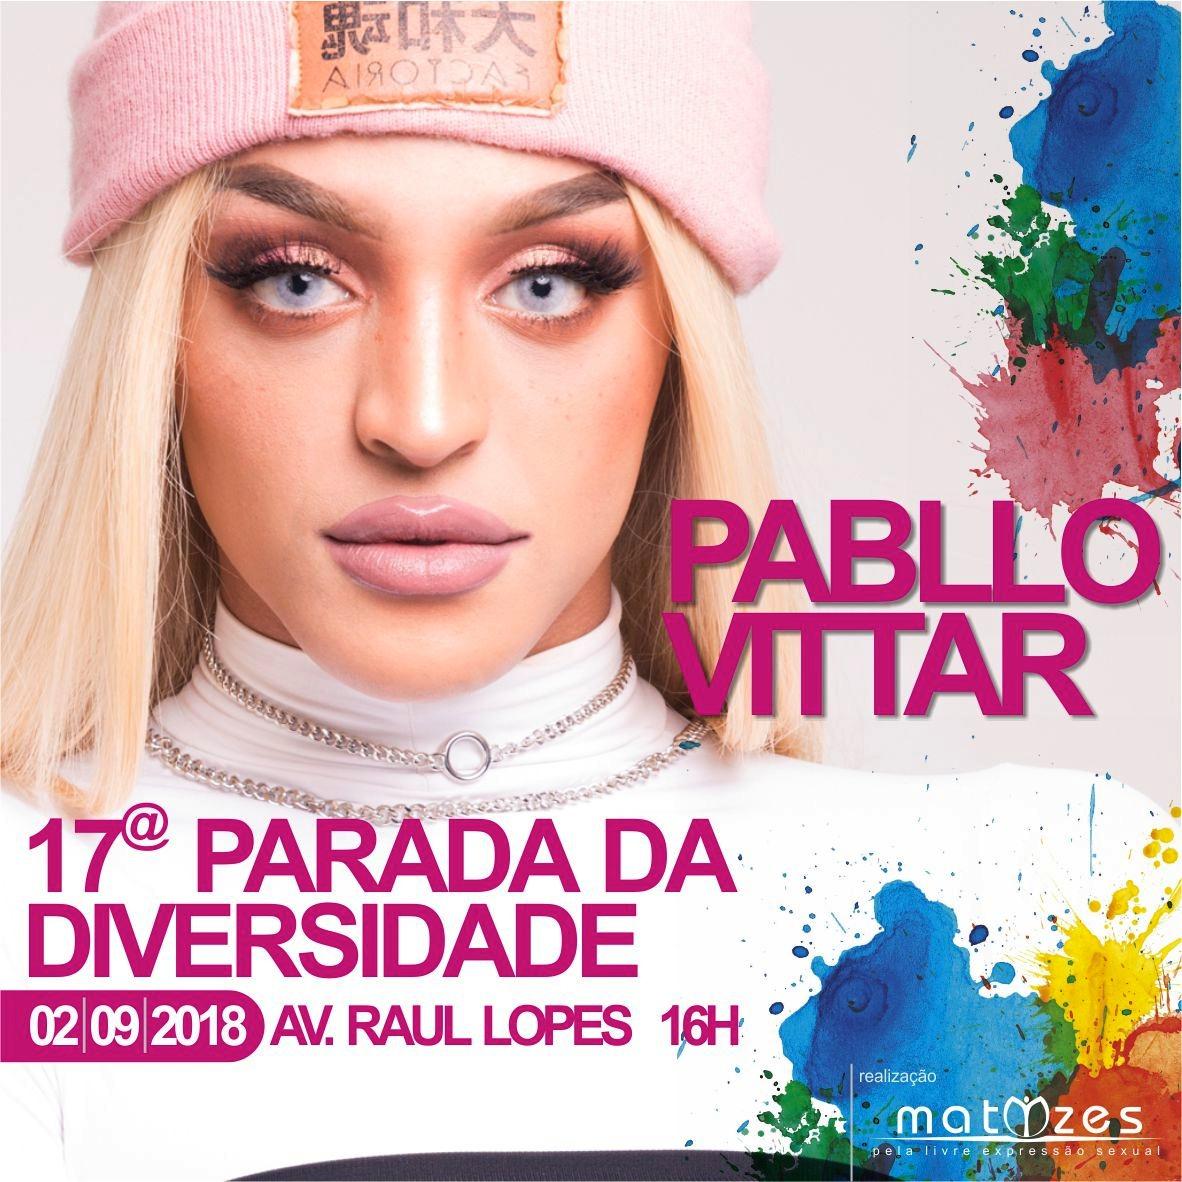 Pablo Vittar será atração na Parada da Diversidade em Teresina